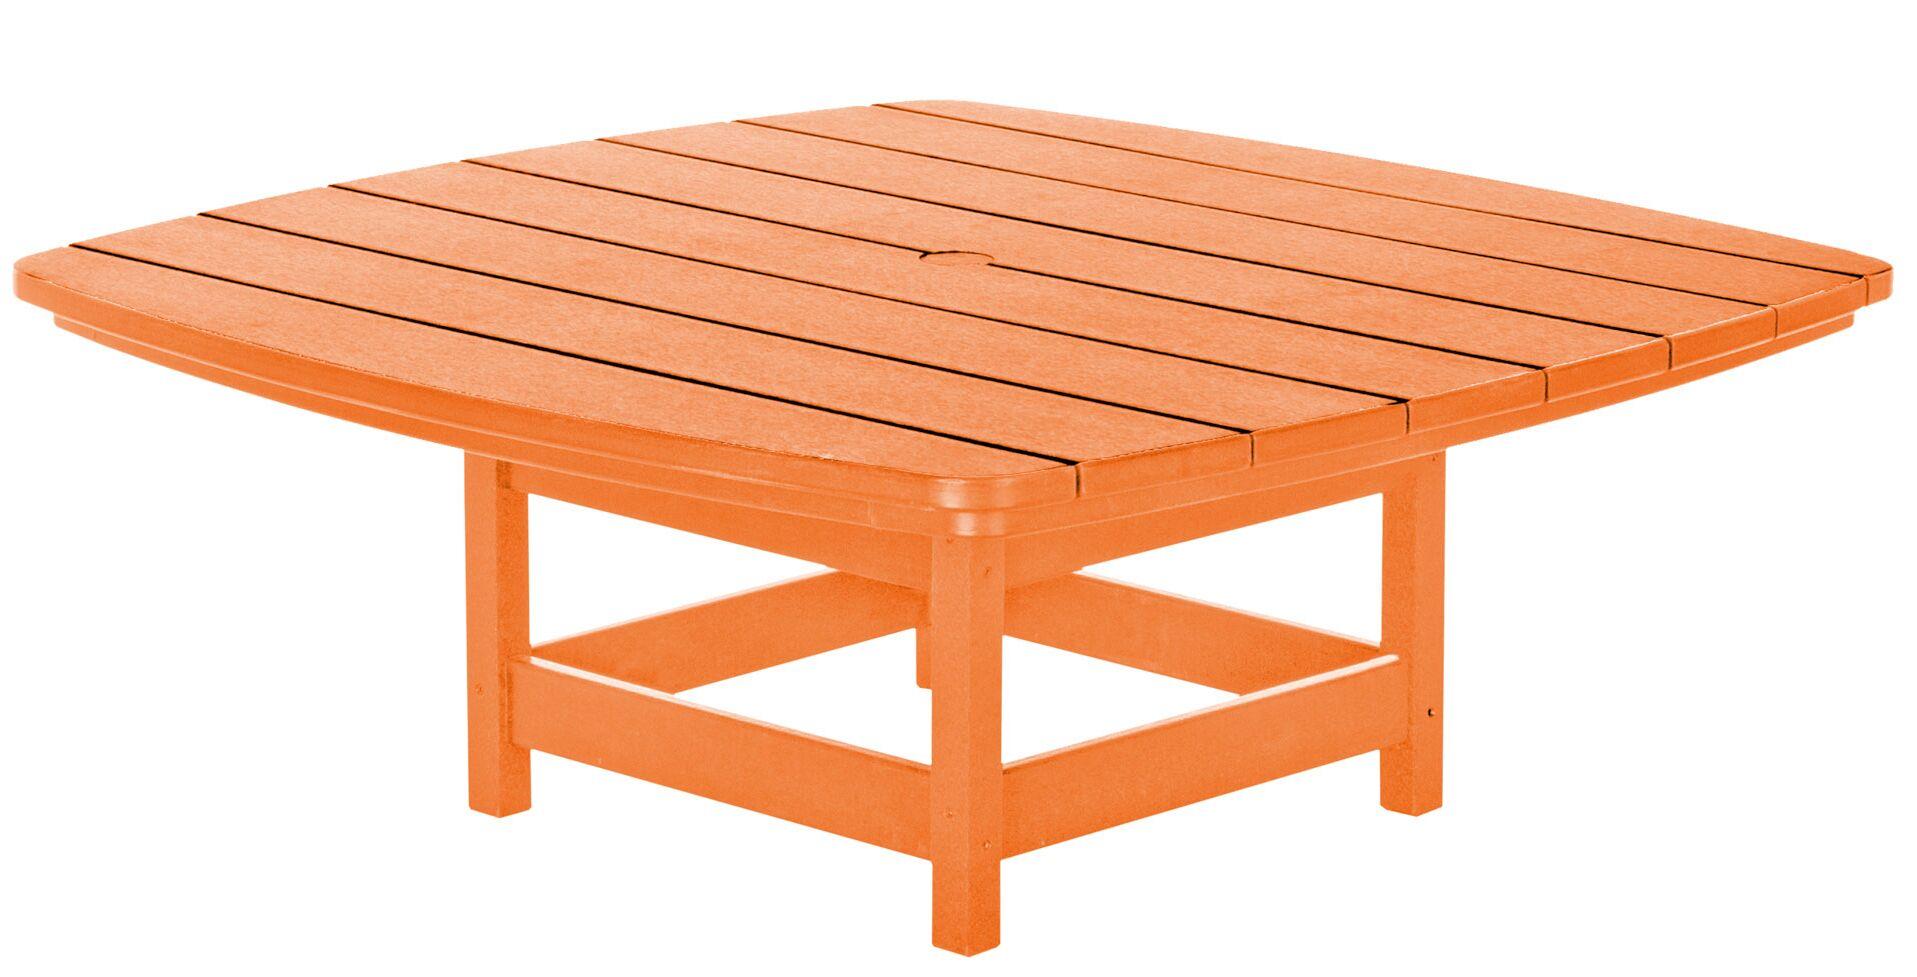 Herron Chat Table Finish: Orange